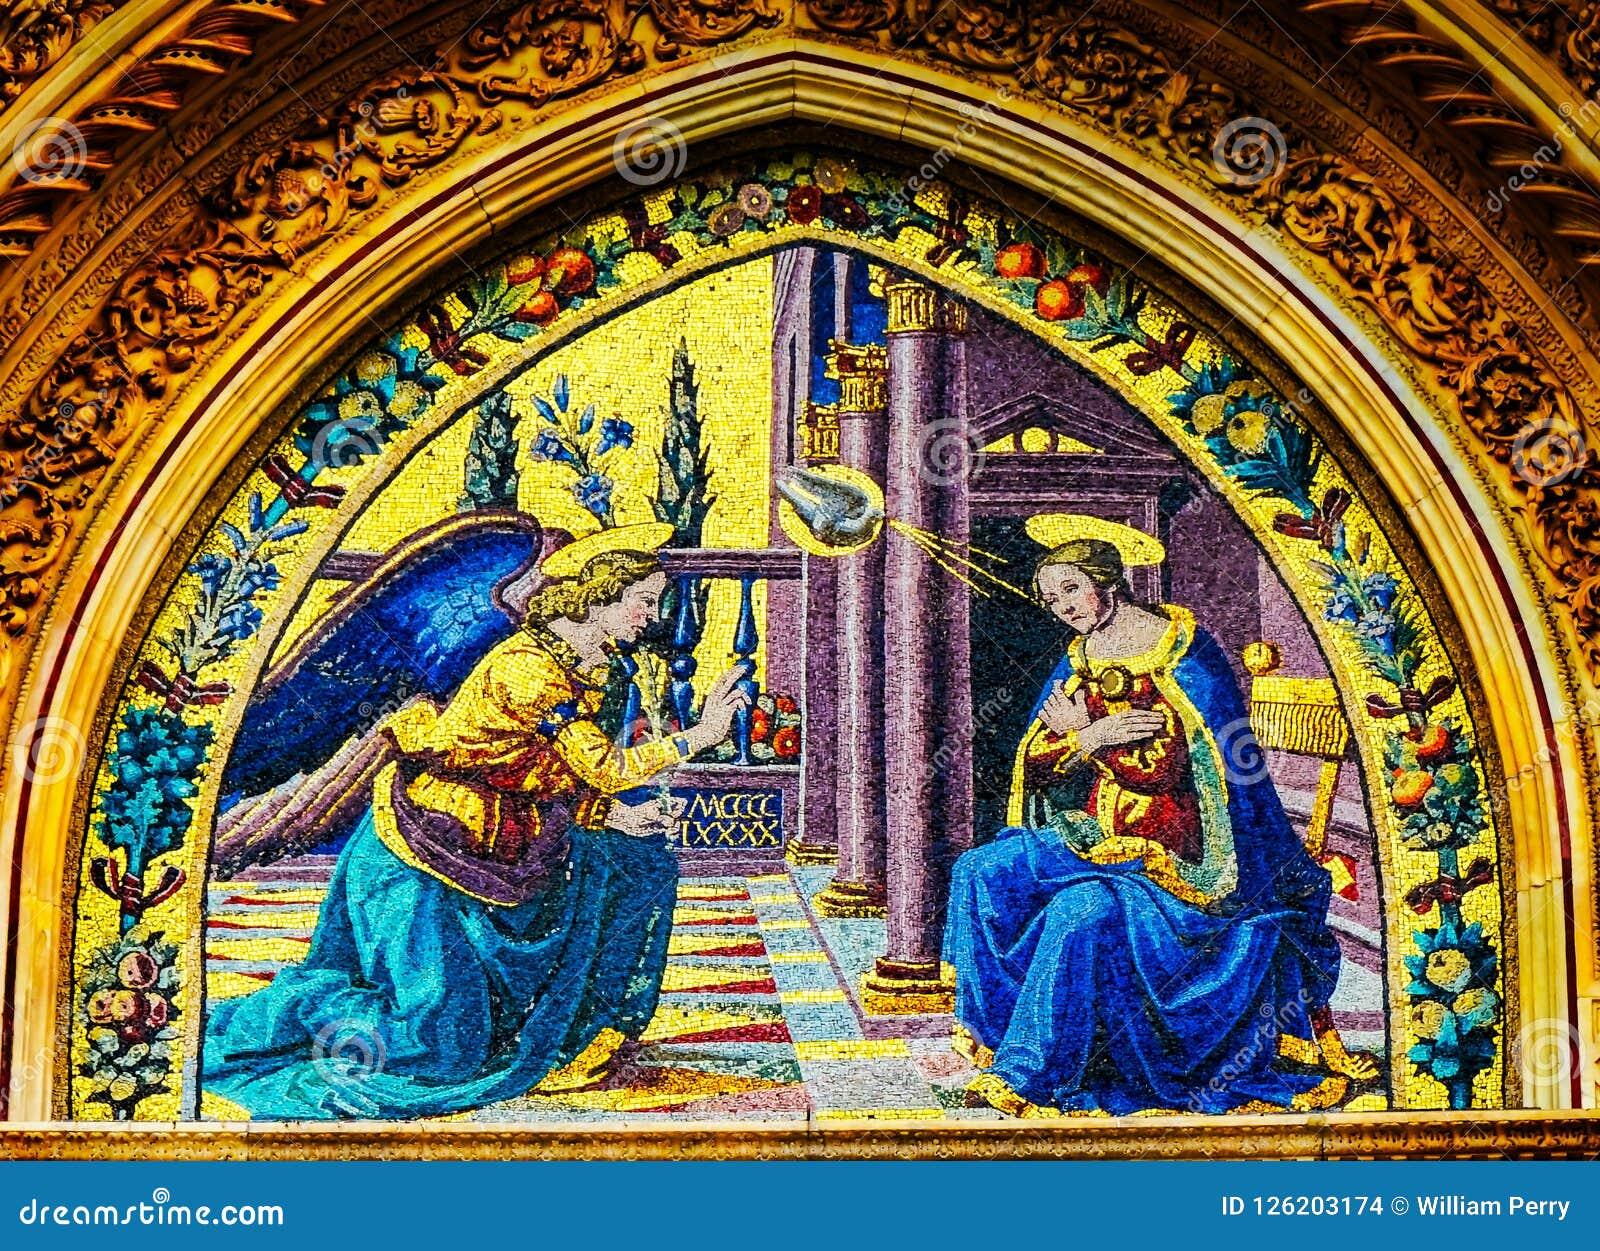 Aviso Mary Angel Mosaic Duomo Cathedral Facade Florença mim